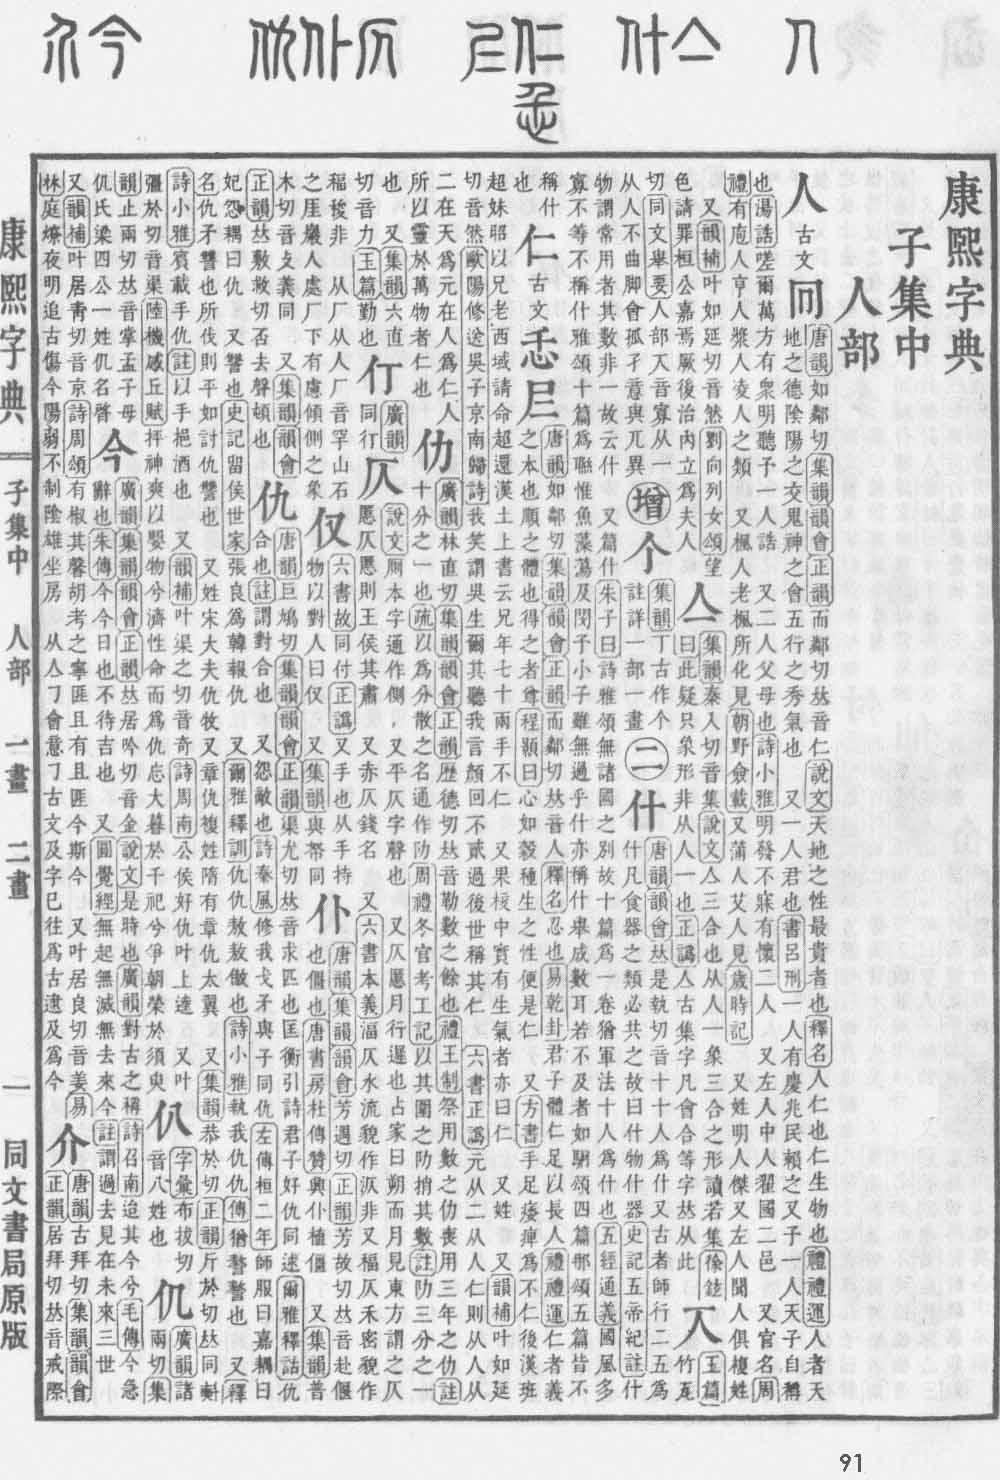 《康熙字典》第91页